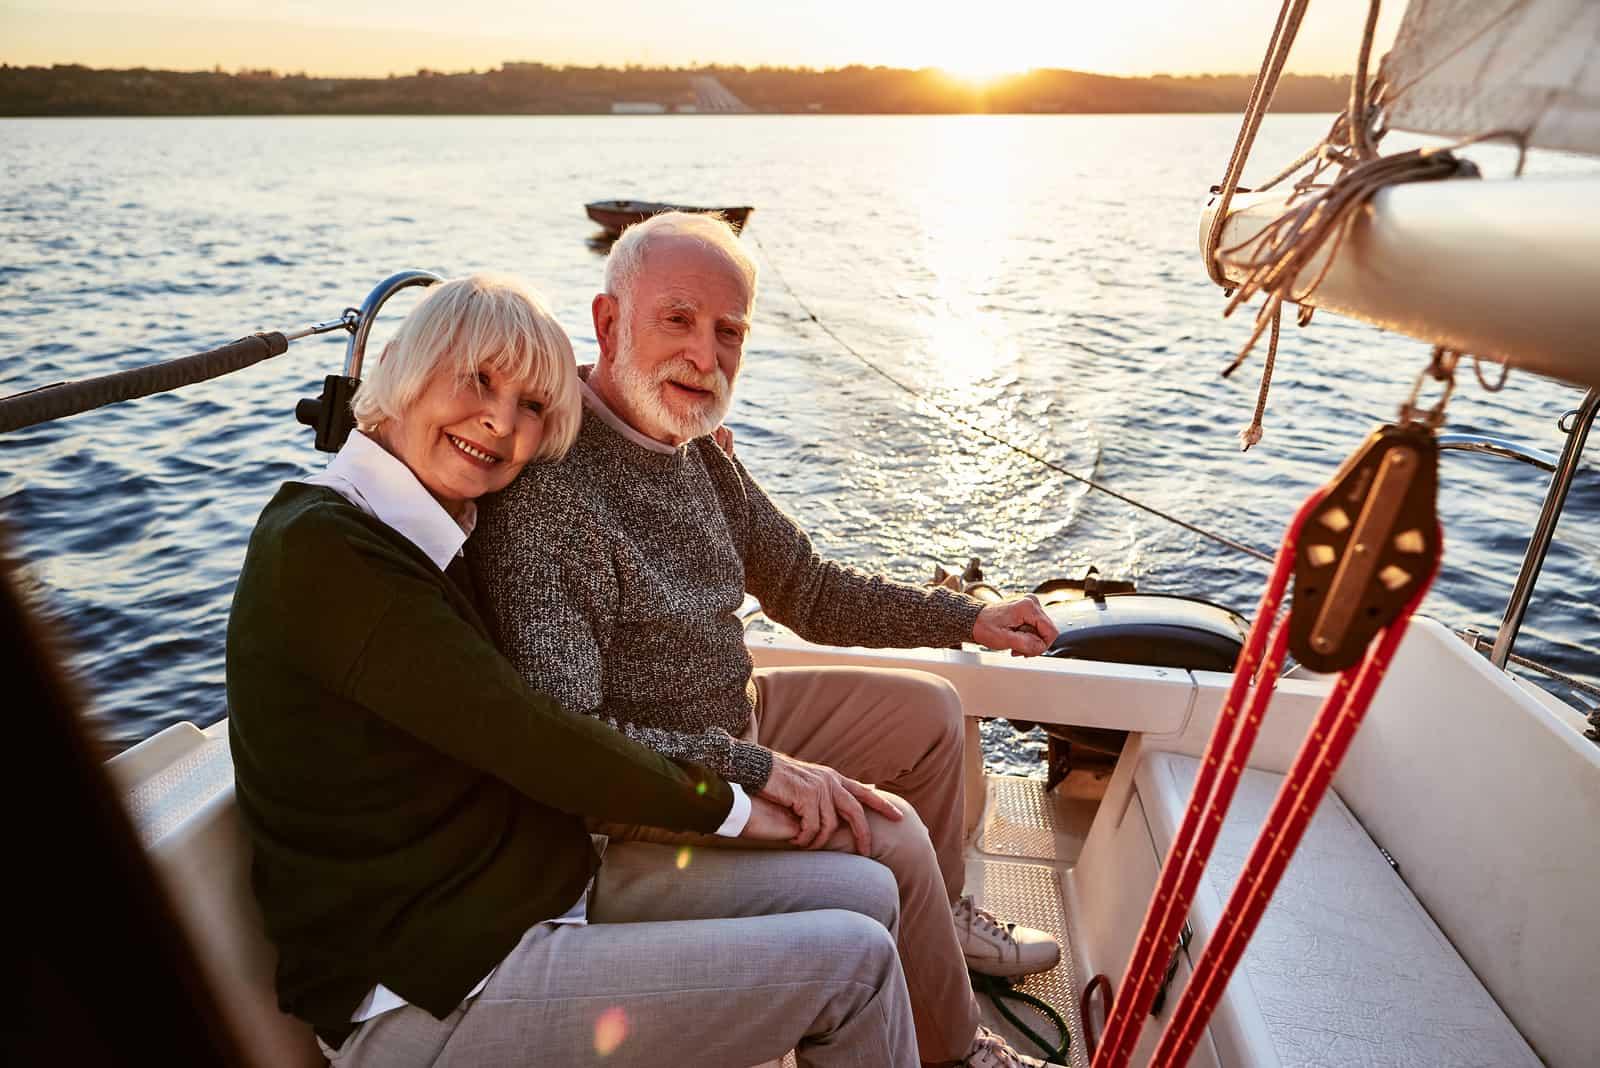 un homme et une femme sur une croisière en bateau